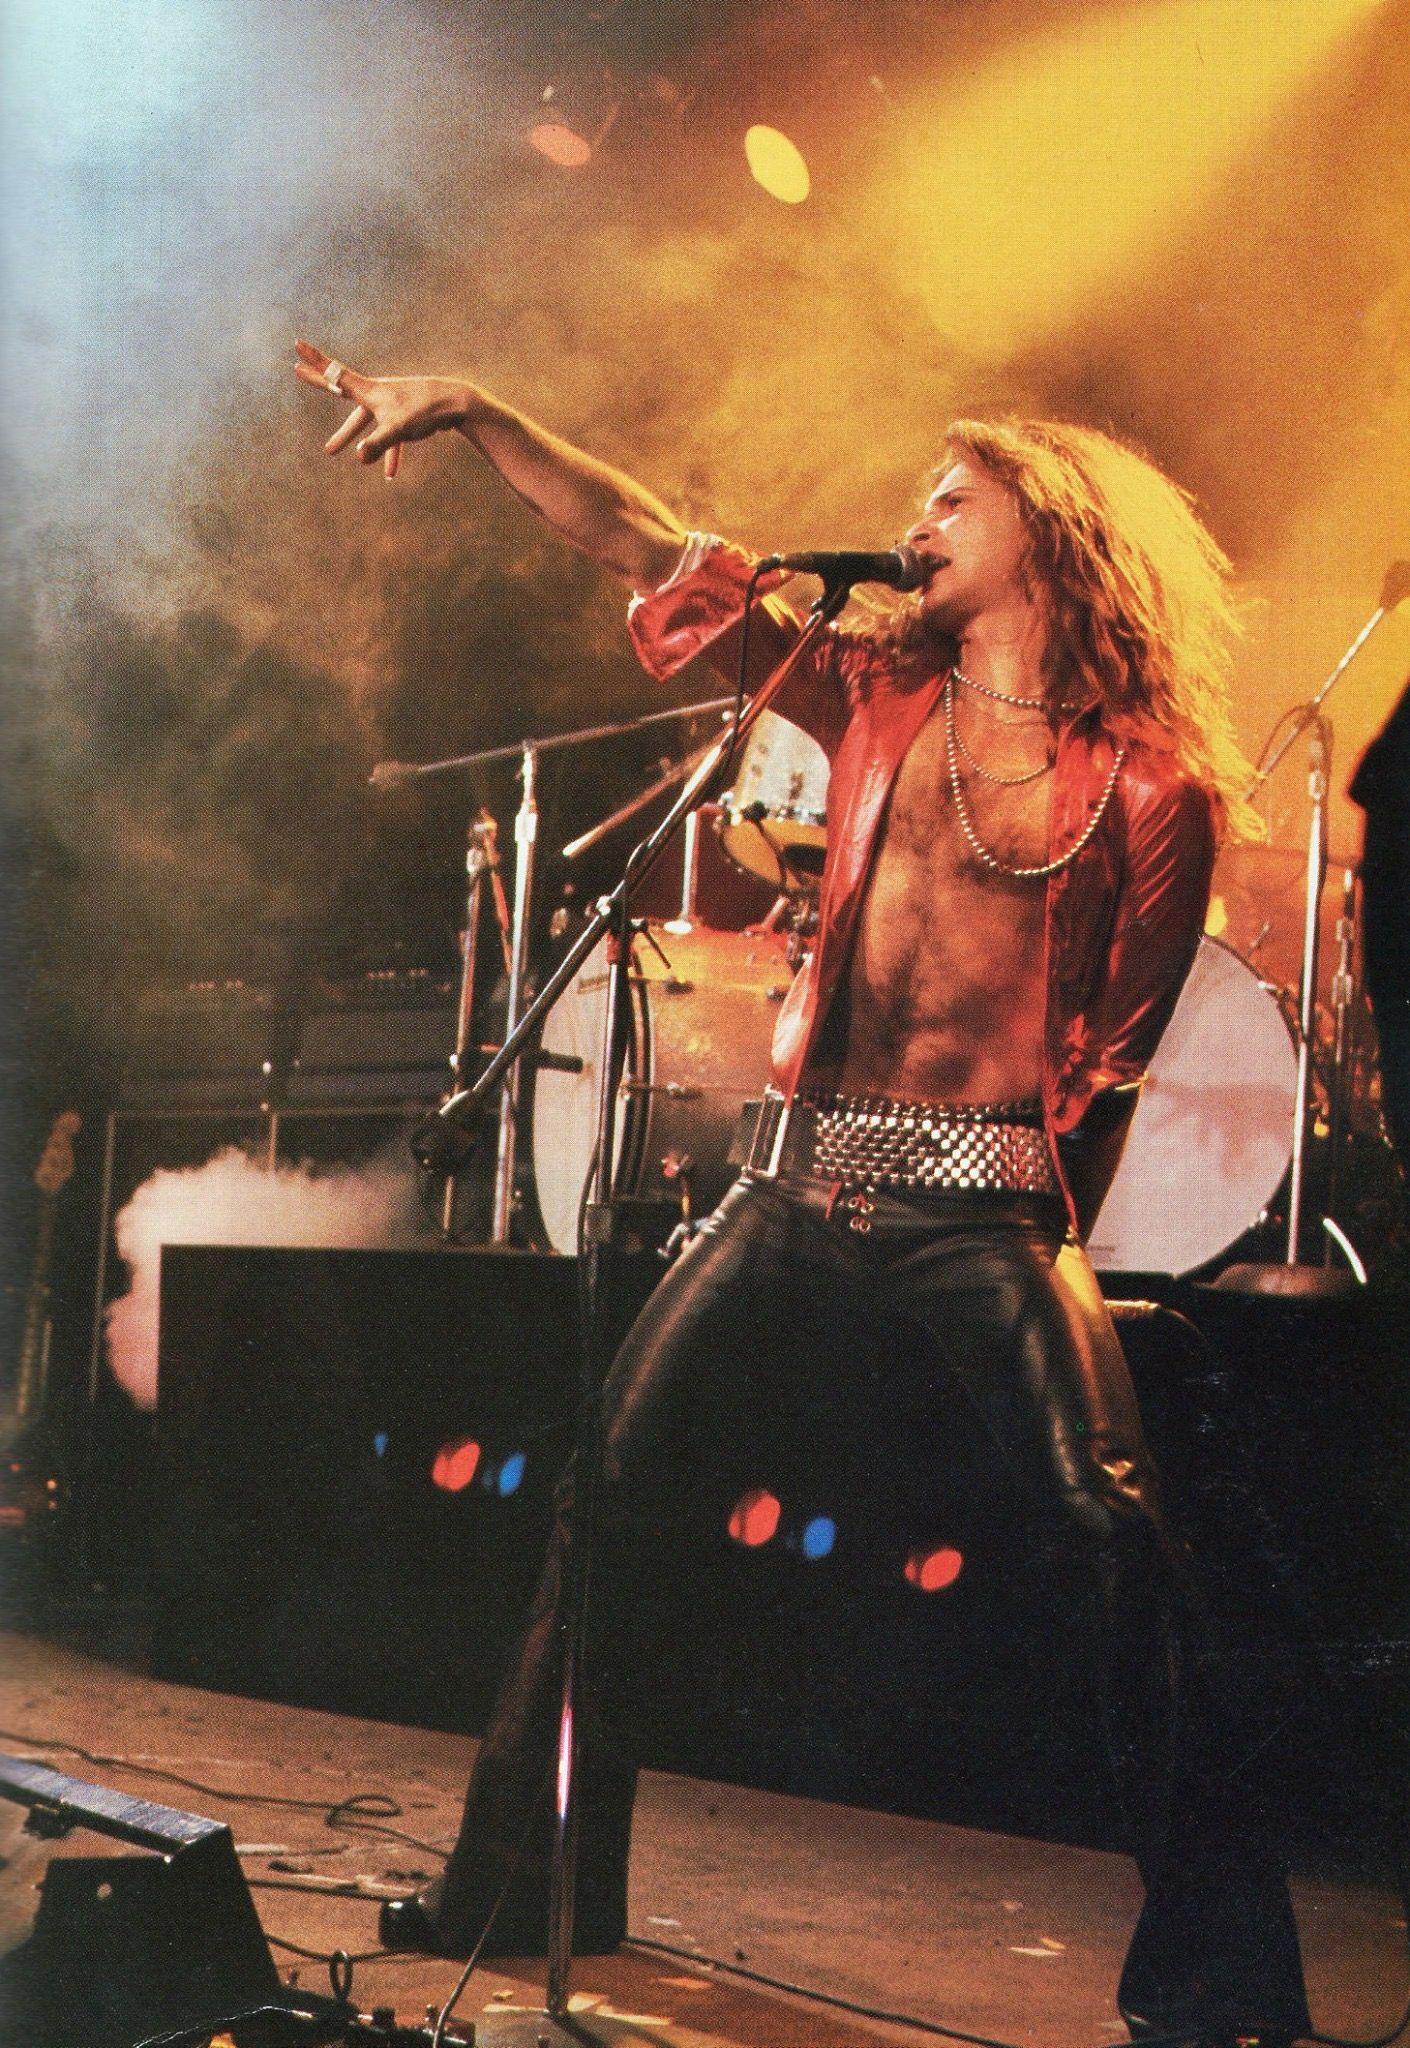 Pin By Rose Glidden On Van Halen Live Van Halen David Lee Roth Alex Van Halen